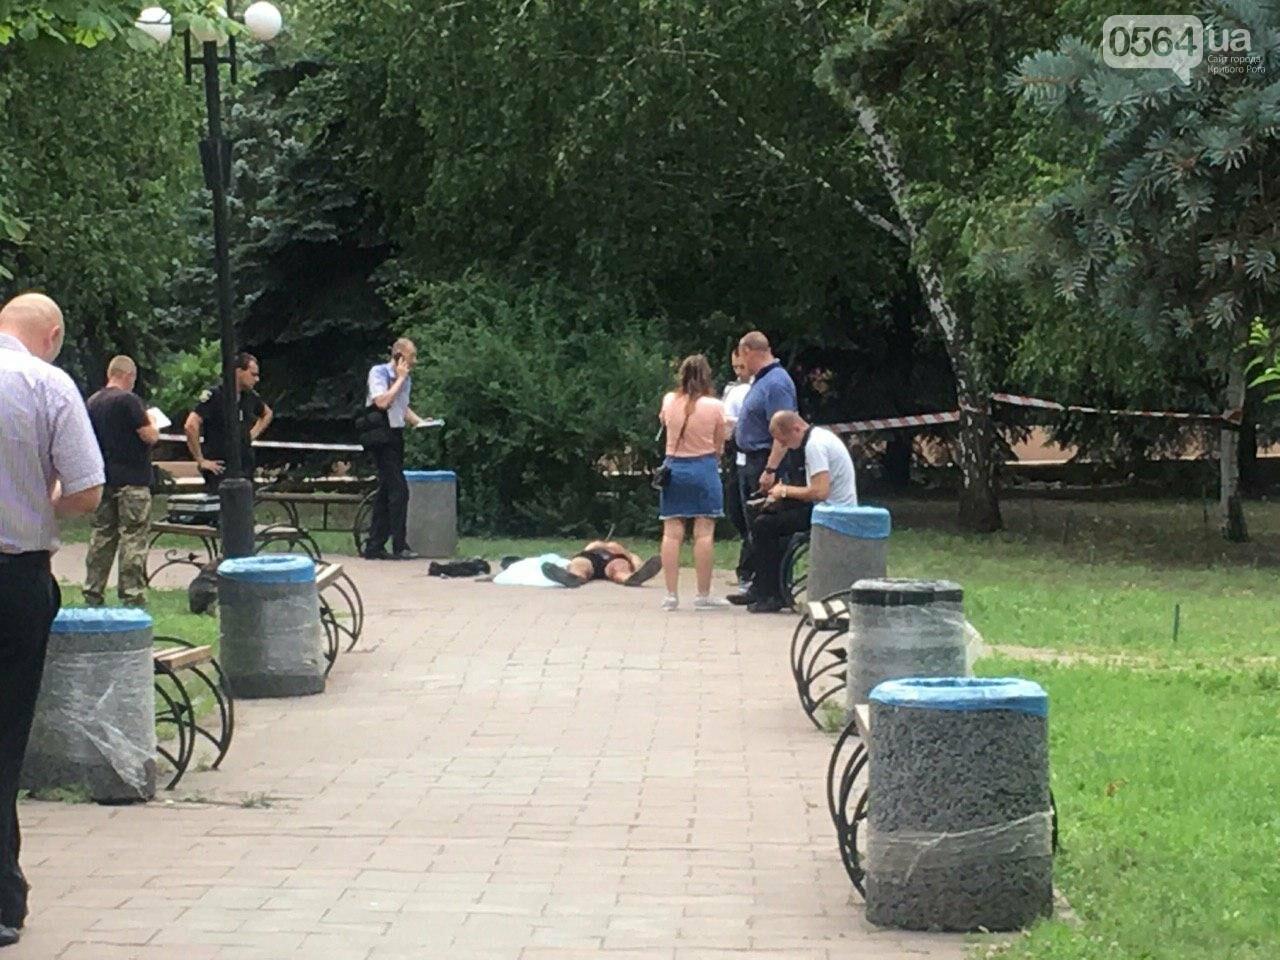 Возле мэрии Кривого Рога найдено тело мужчины с ножевыми ранениями. Рядом с убитым находится его собака, - ФОТО, ВИДЕО 18+, фото-11